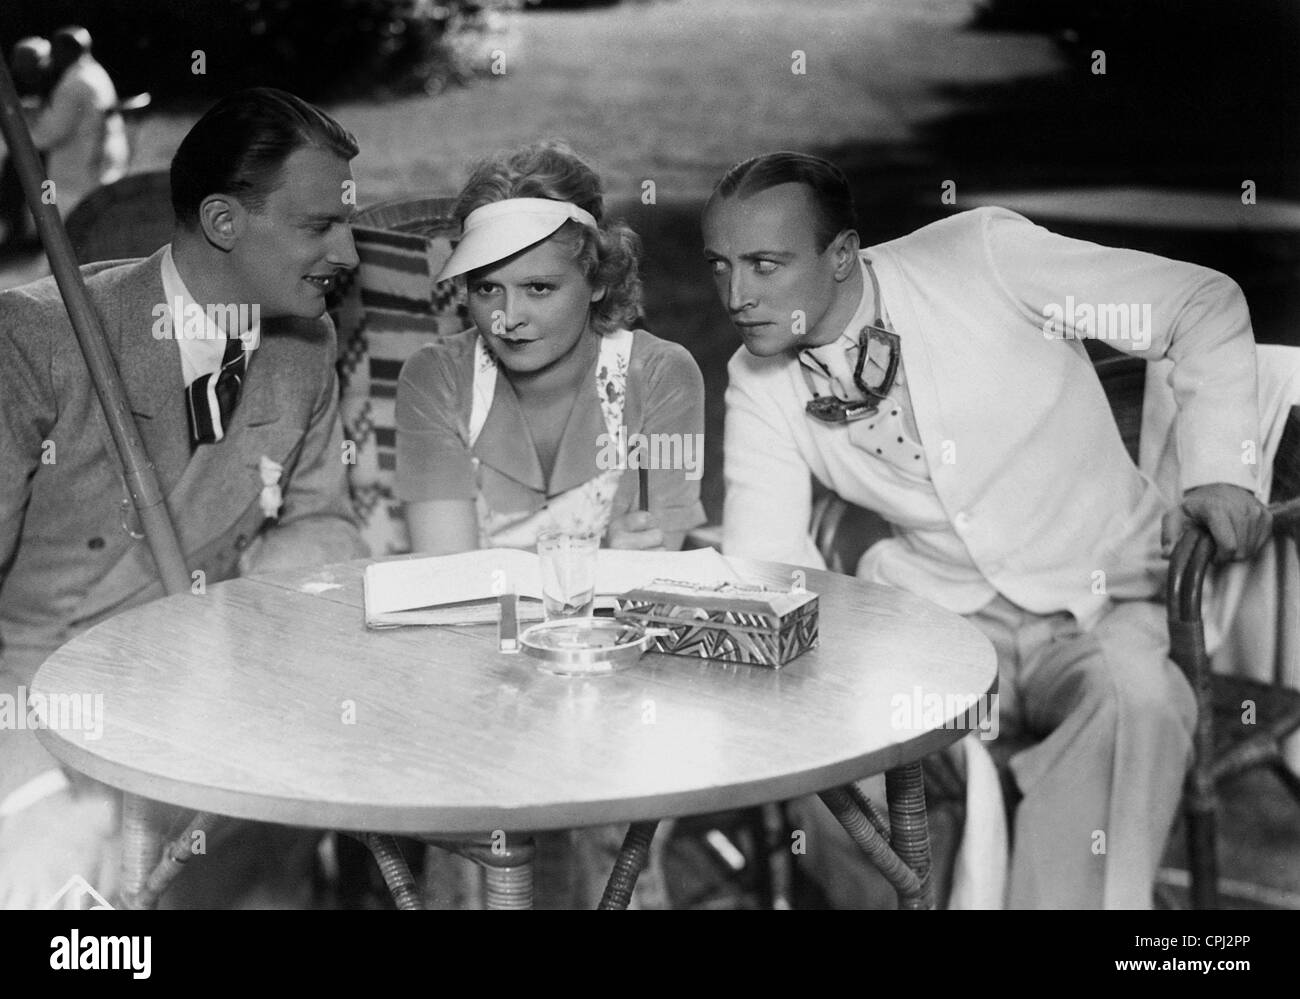 Kurt von Ruffin, Liane Haid and Hubert von Meyerinck in 'Your Serene Highness, the saleswoman', 1933 - Stock Image